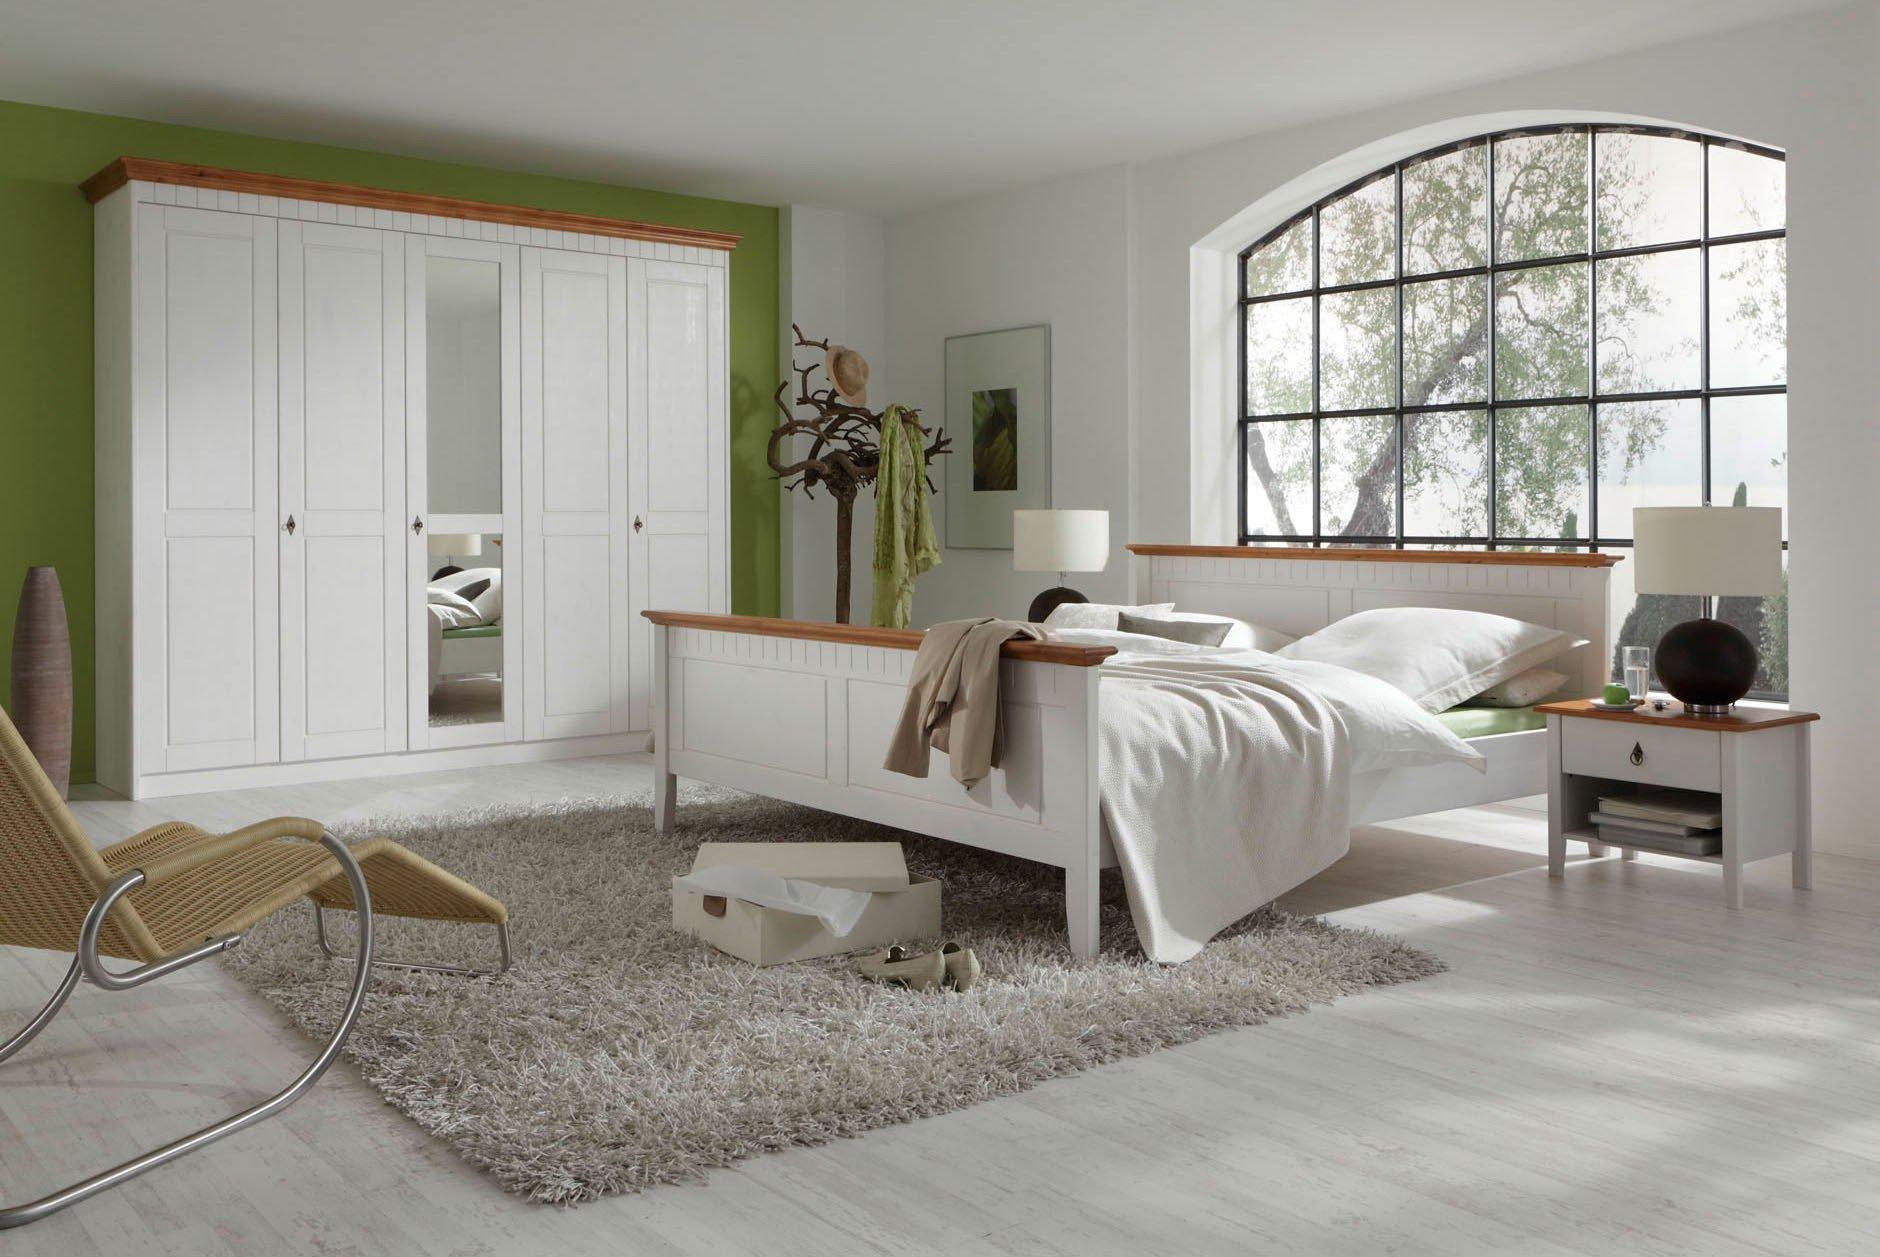 Schlafzimmer-Set Kiefer massiv mit braunen Absetzungen - Georgia ...